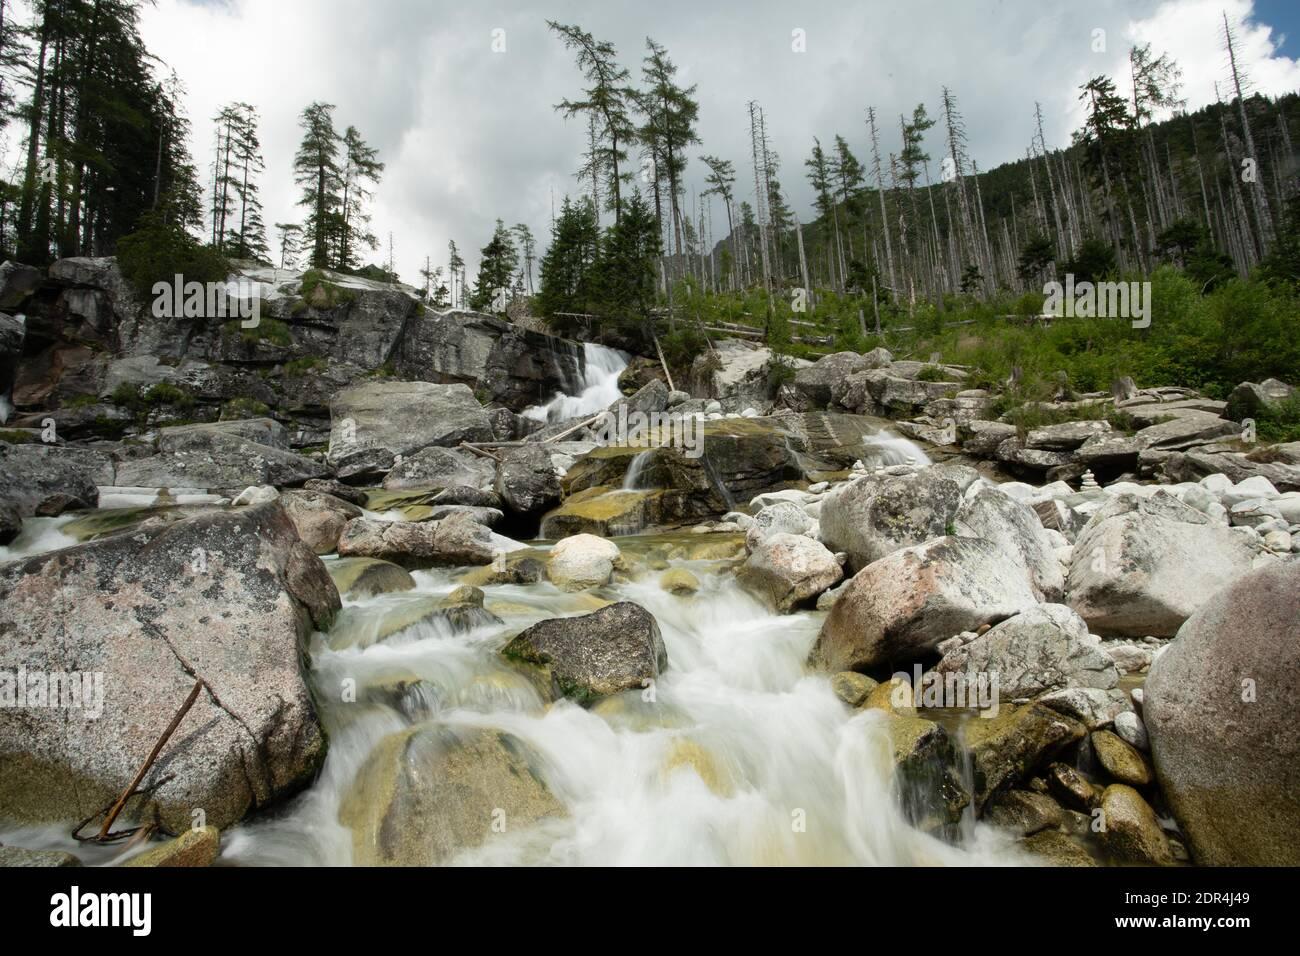 Cascadas de flujo frío en Gran Valle frío en Tatras Alto, Eslovaquia. Cielo nublado. Foto de stock